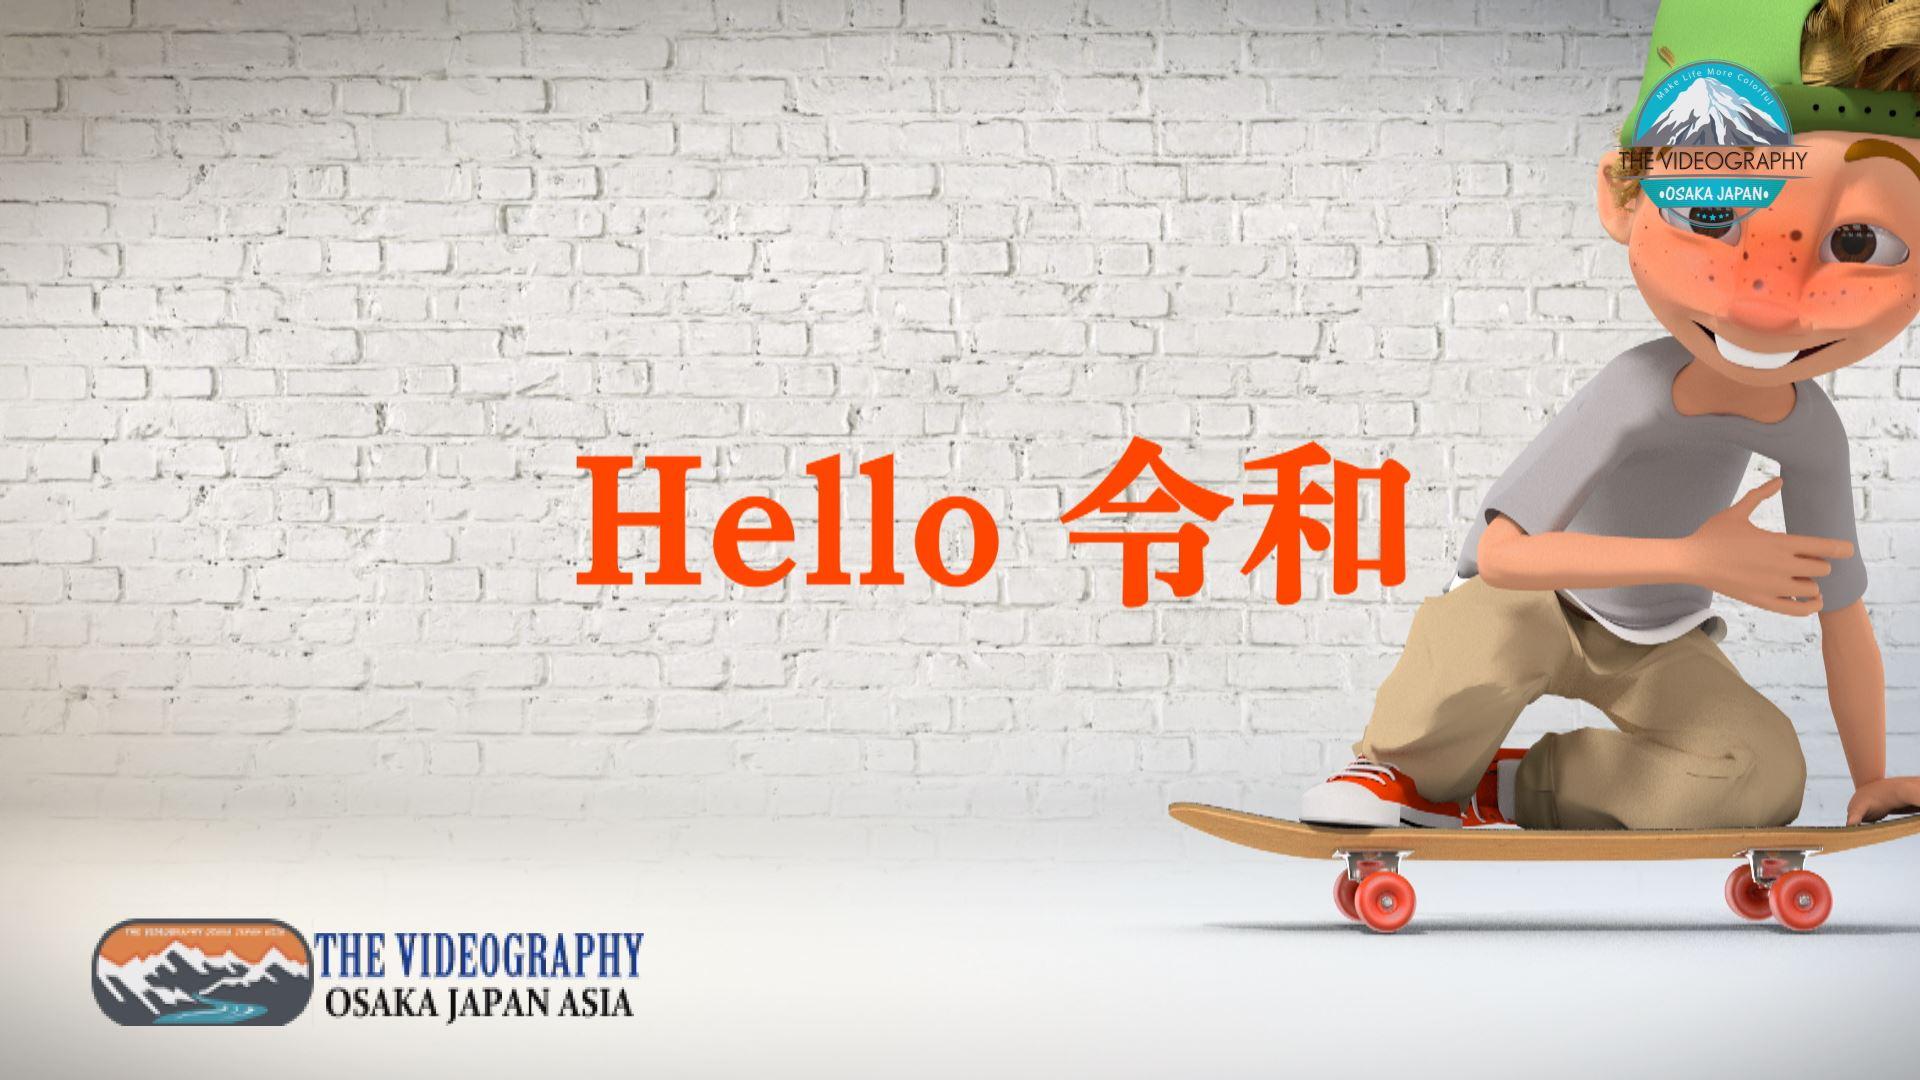 ハロー令和・Hello Reiwa